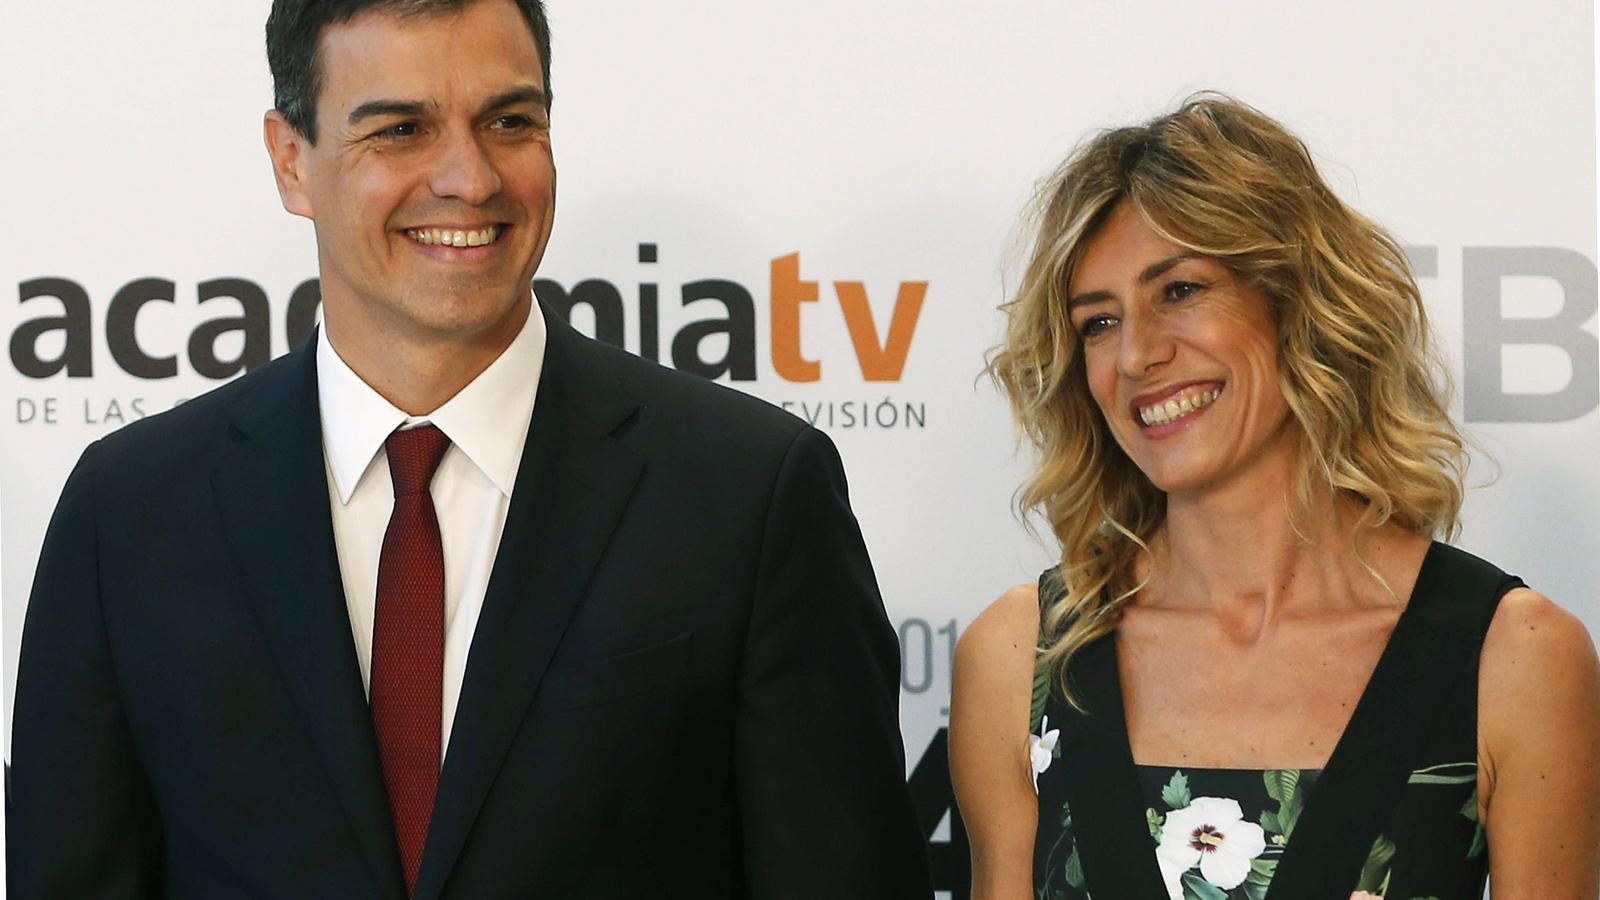 El candidat del PSOE el 26-J, Pedro Sánchez, i la seva dona, Begoña Gómez, abans del debat de candidats